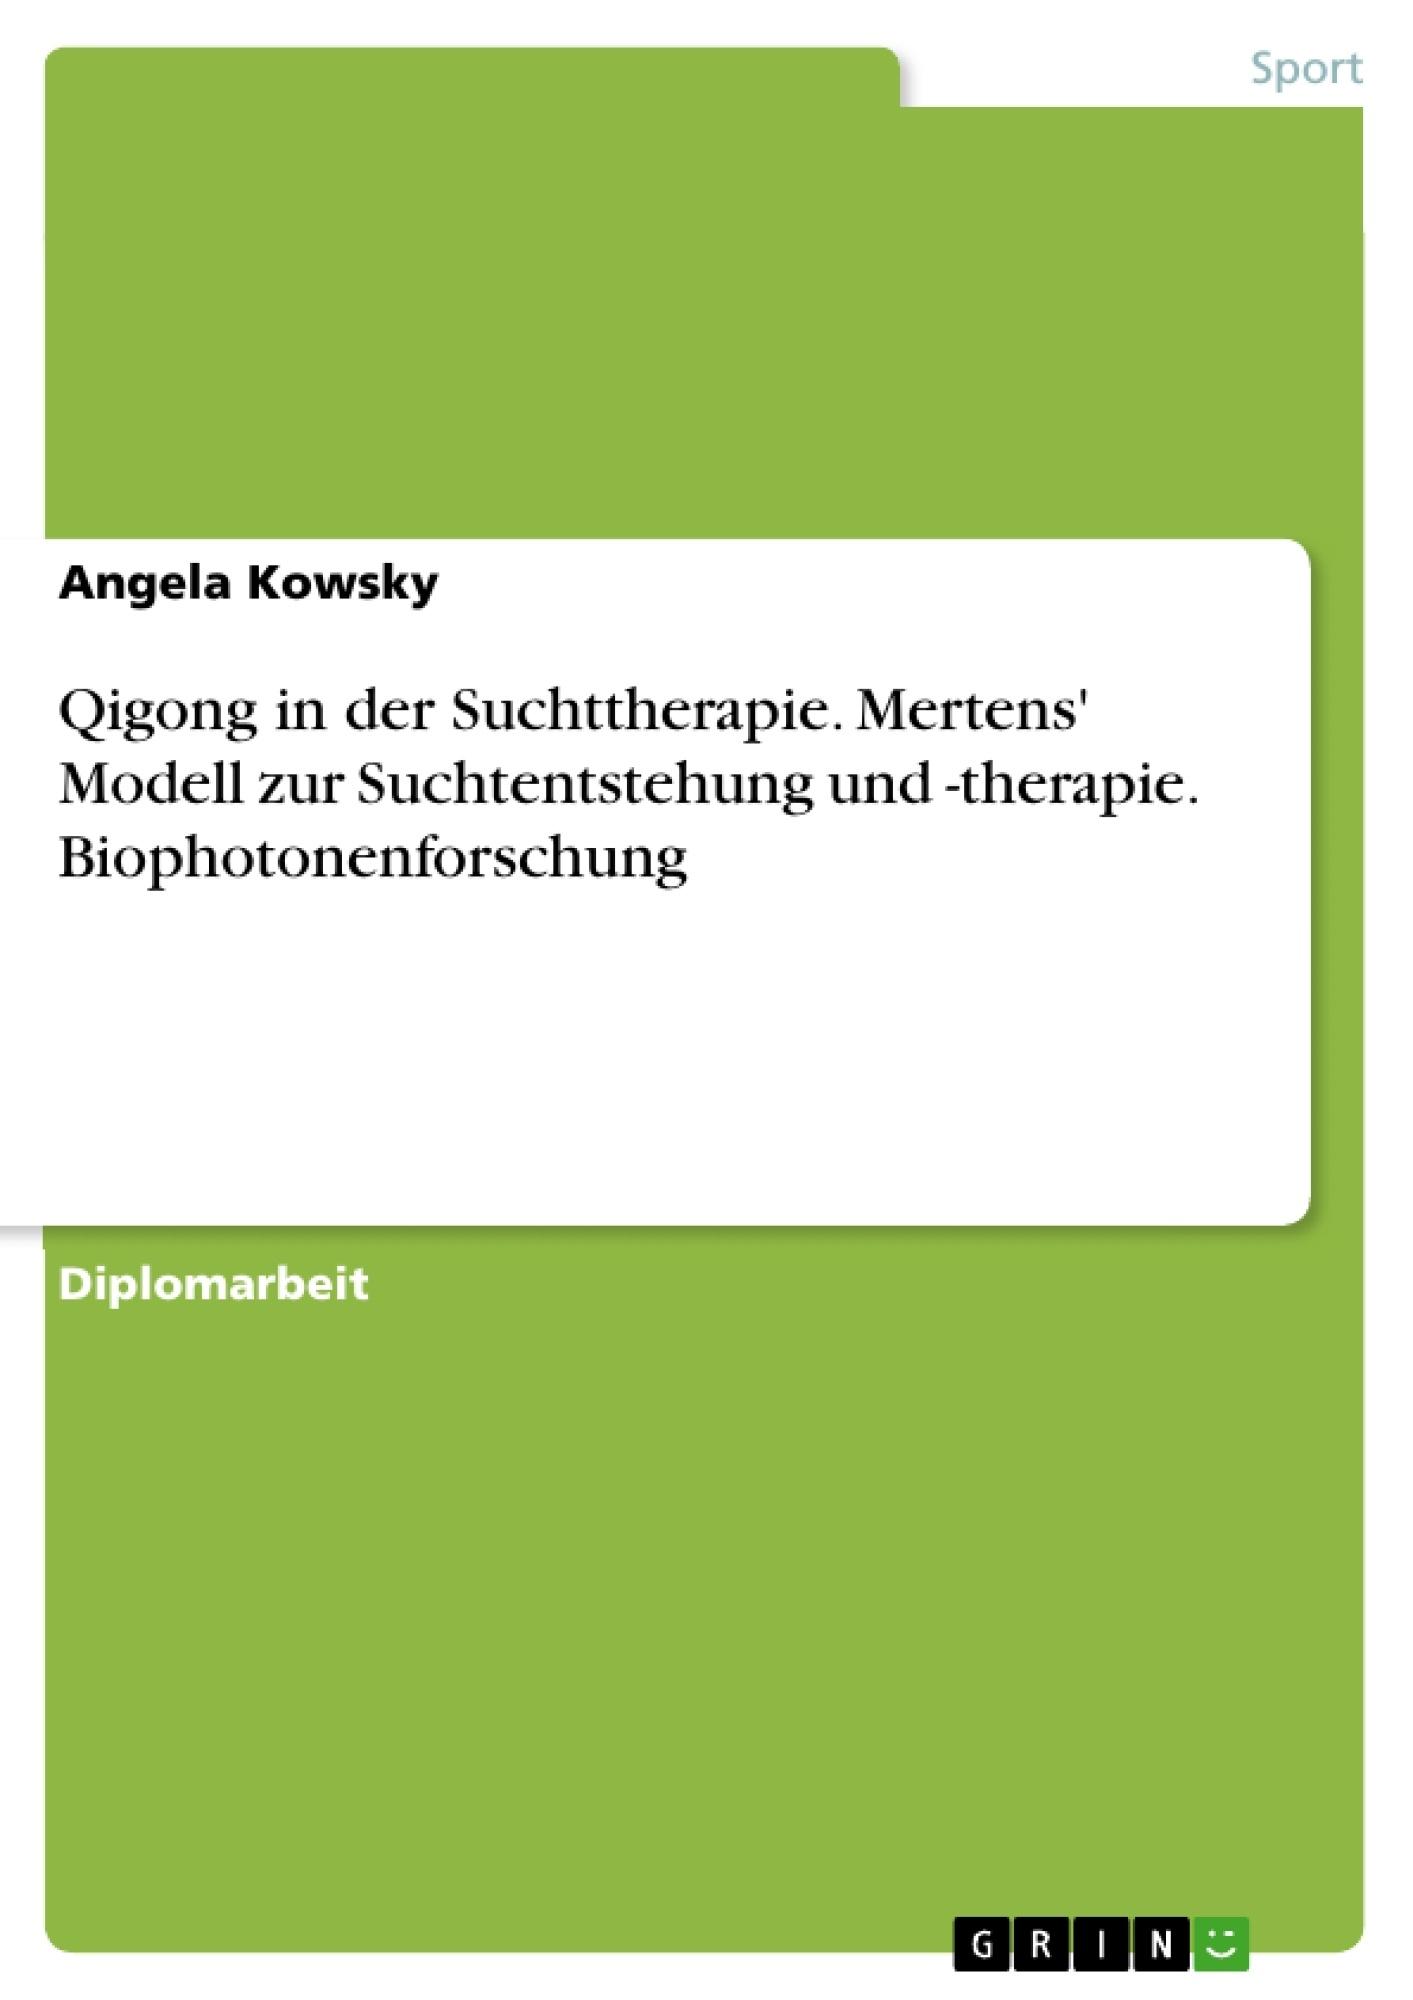 Titel: Qigong in der Suchttherapie. Mertens' Modell zur Suchtentstehung und -therapie. Biophotonenforschung